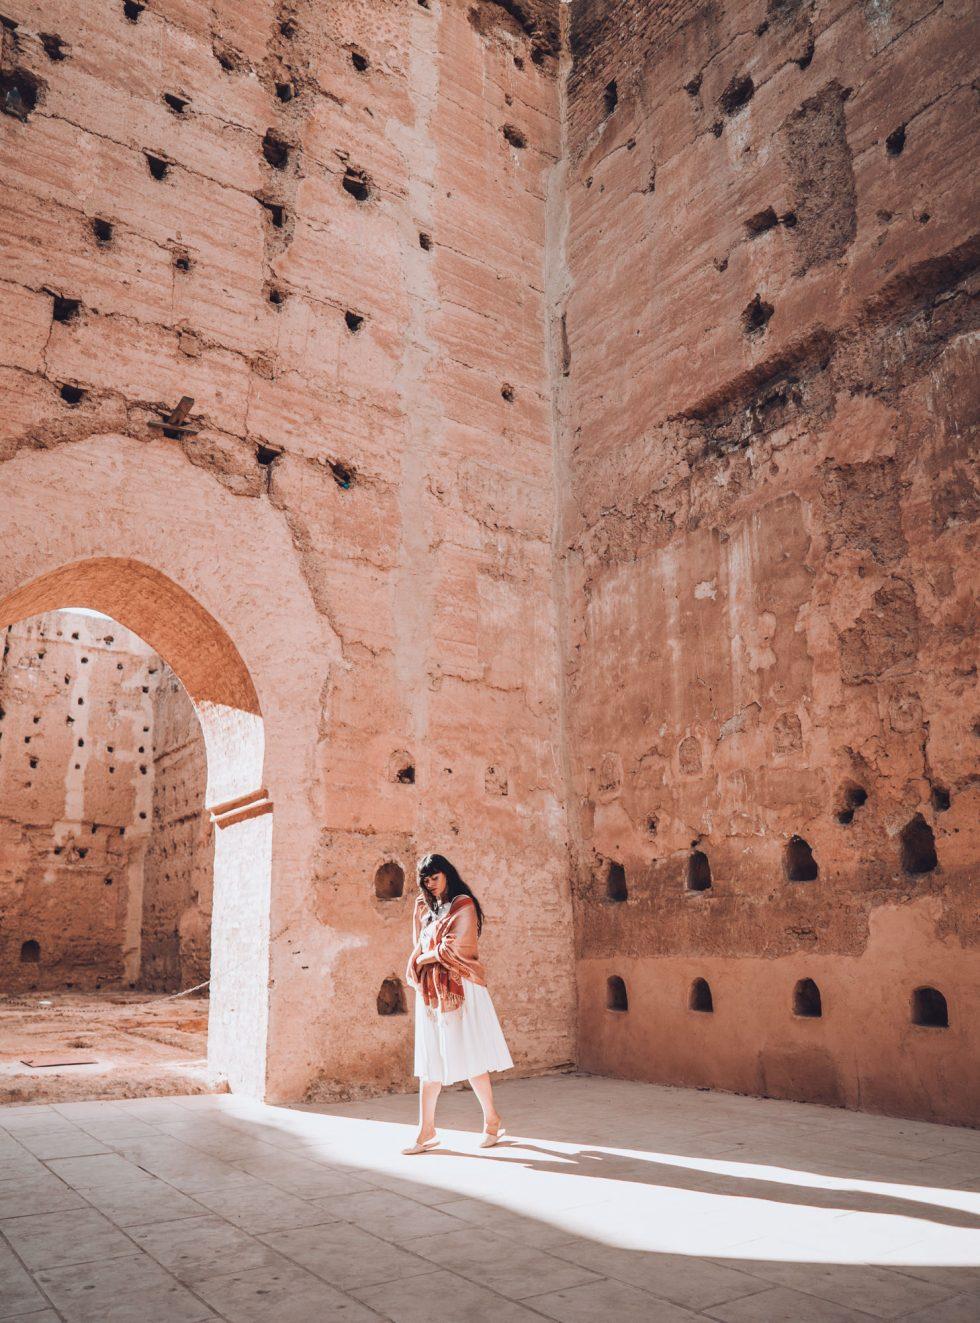 el-badi-palace-morocco-travel-lifestyle-photographer-laura-g-diaz-2